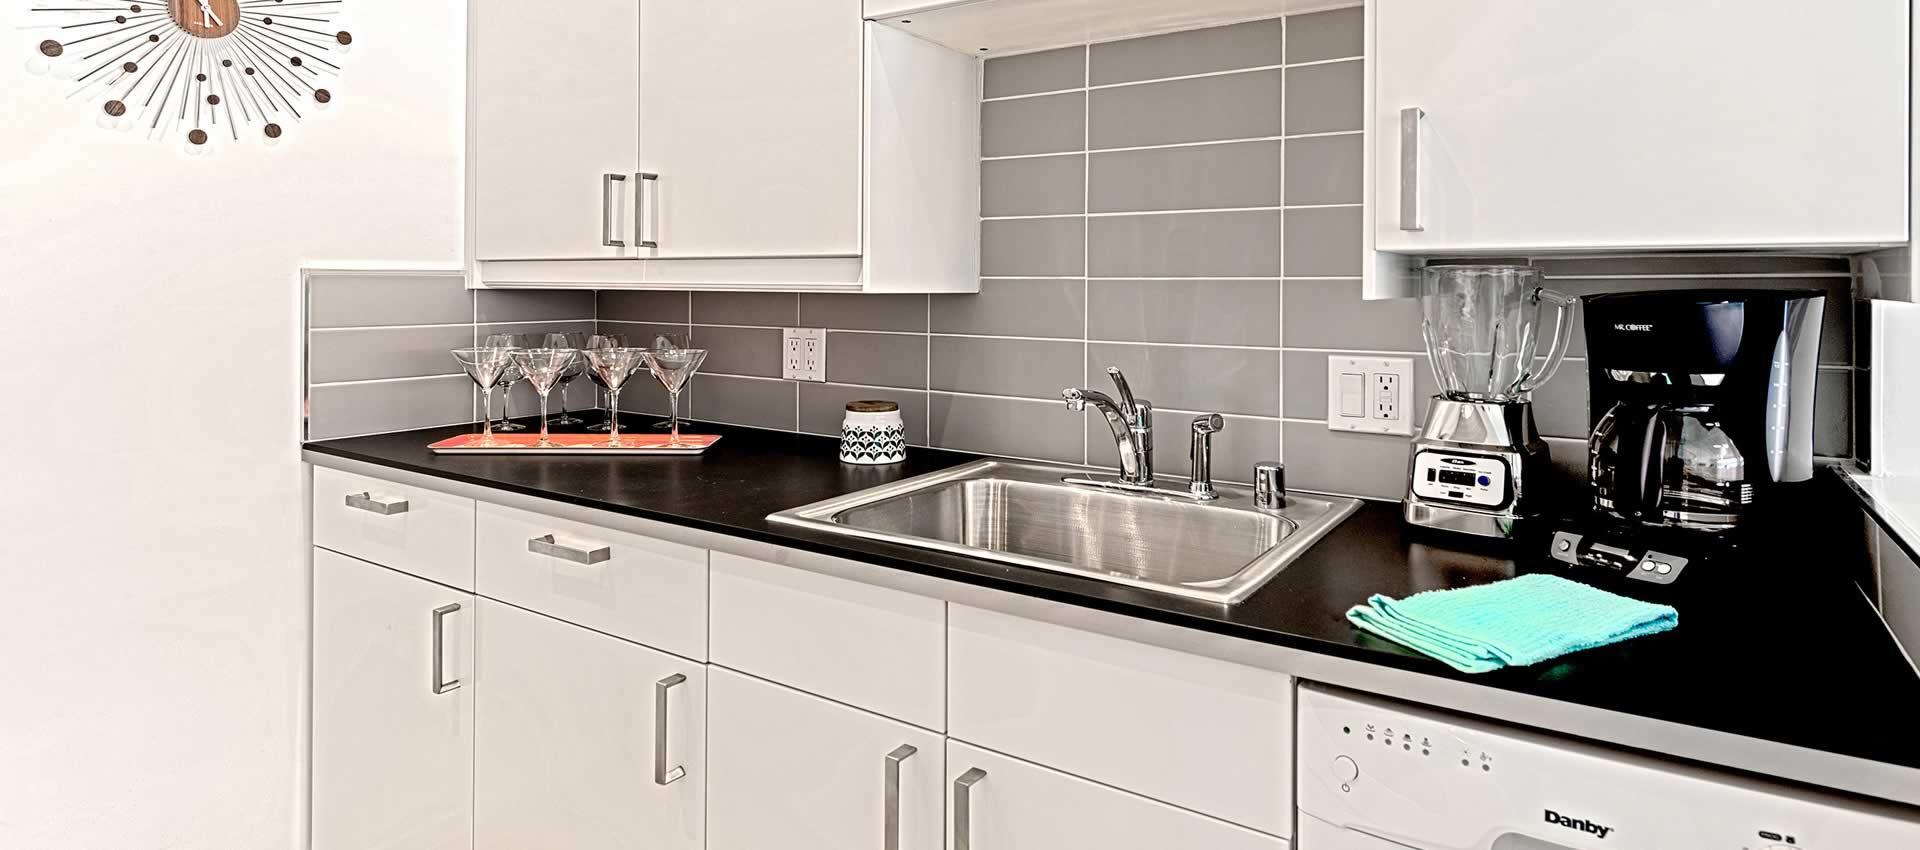 twist-hotel-room216-kitchen